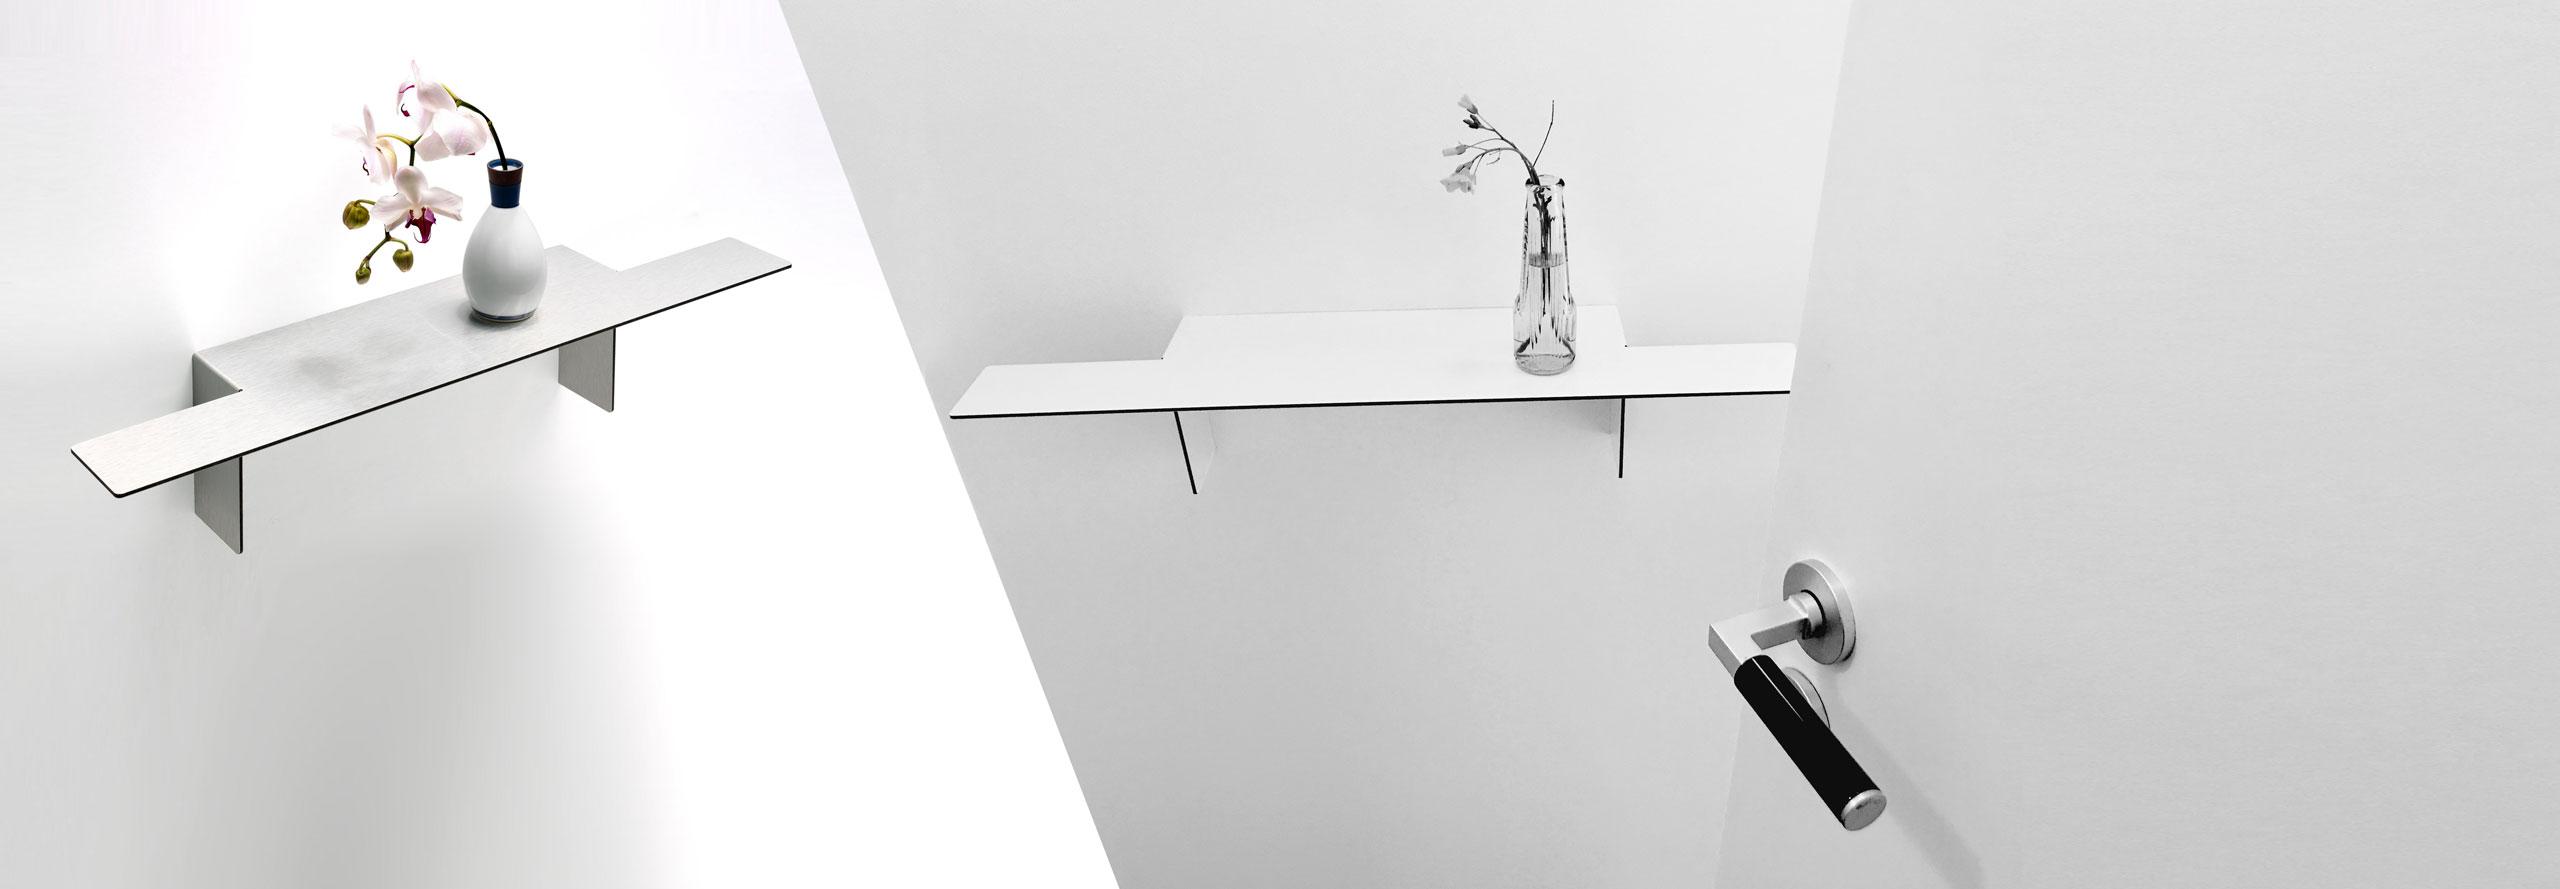 Full Size of Kleines Regal Küche Mit Elektrogeräten Günstig Holzbrett Schubladen Fettabscheider Bank Kinder Spielküche Abfalleimer Badezimmer Wildeiche Kräutergarten Wohnzimmer Kleines Regal Küche